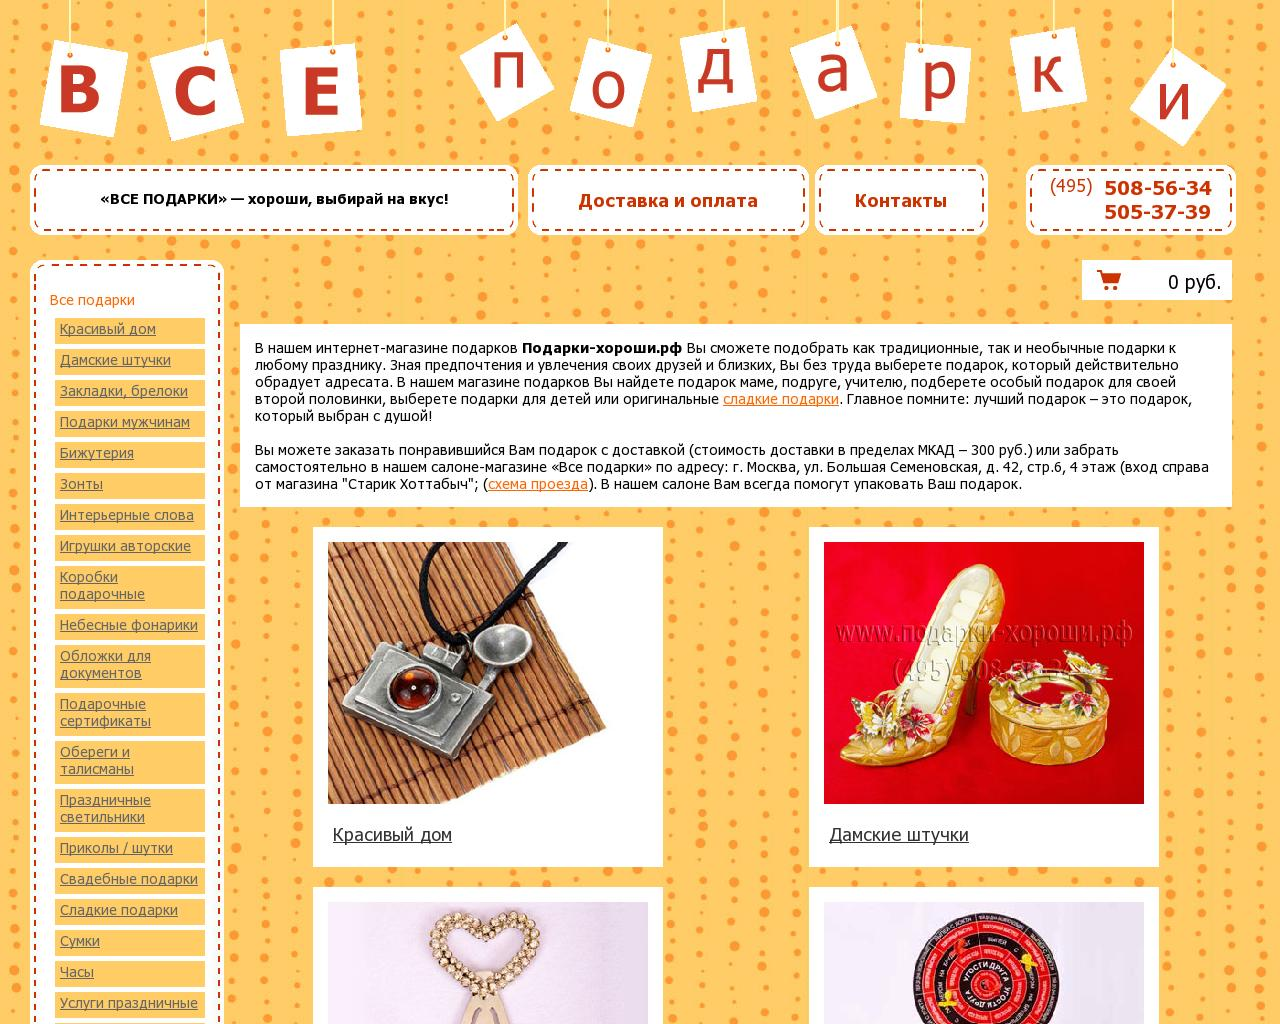 Подарки вконтакте рф сайт 79